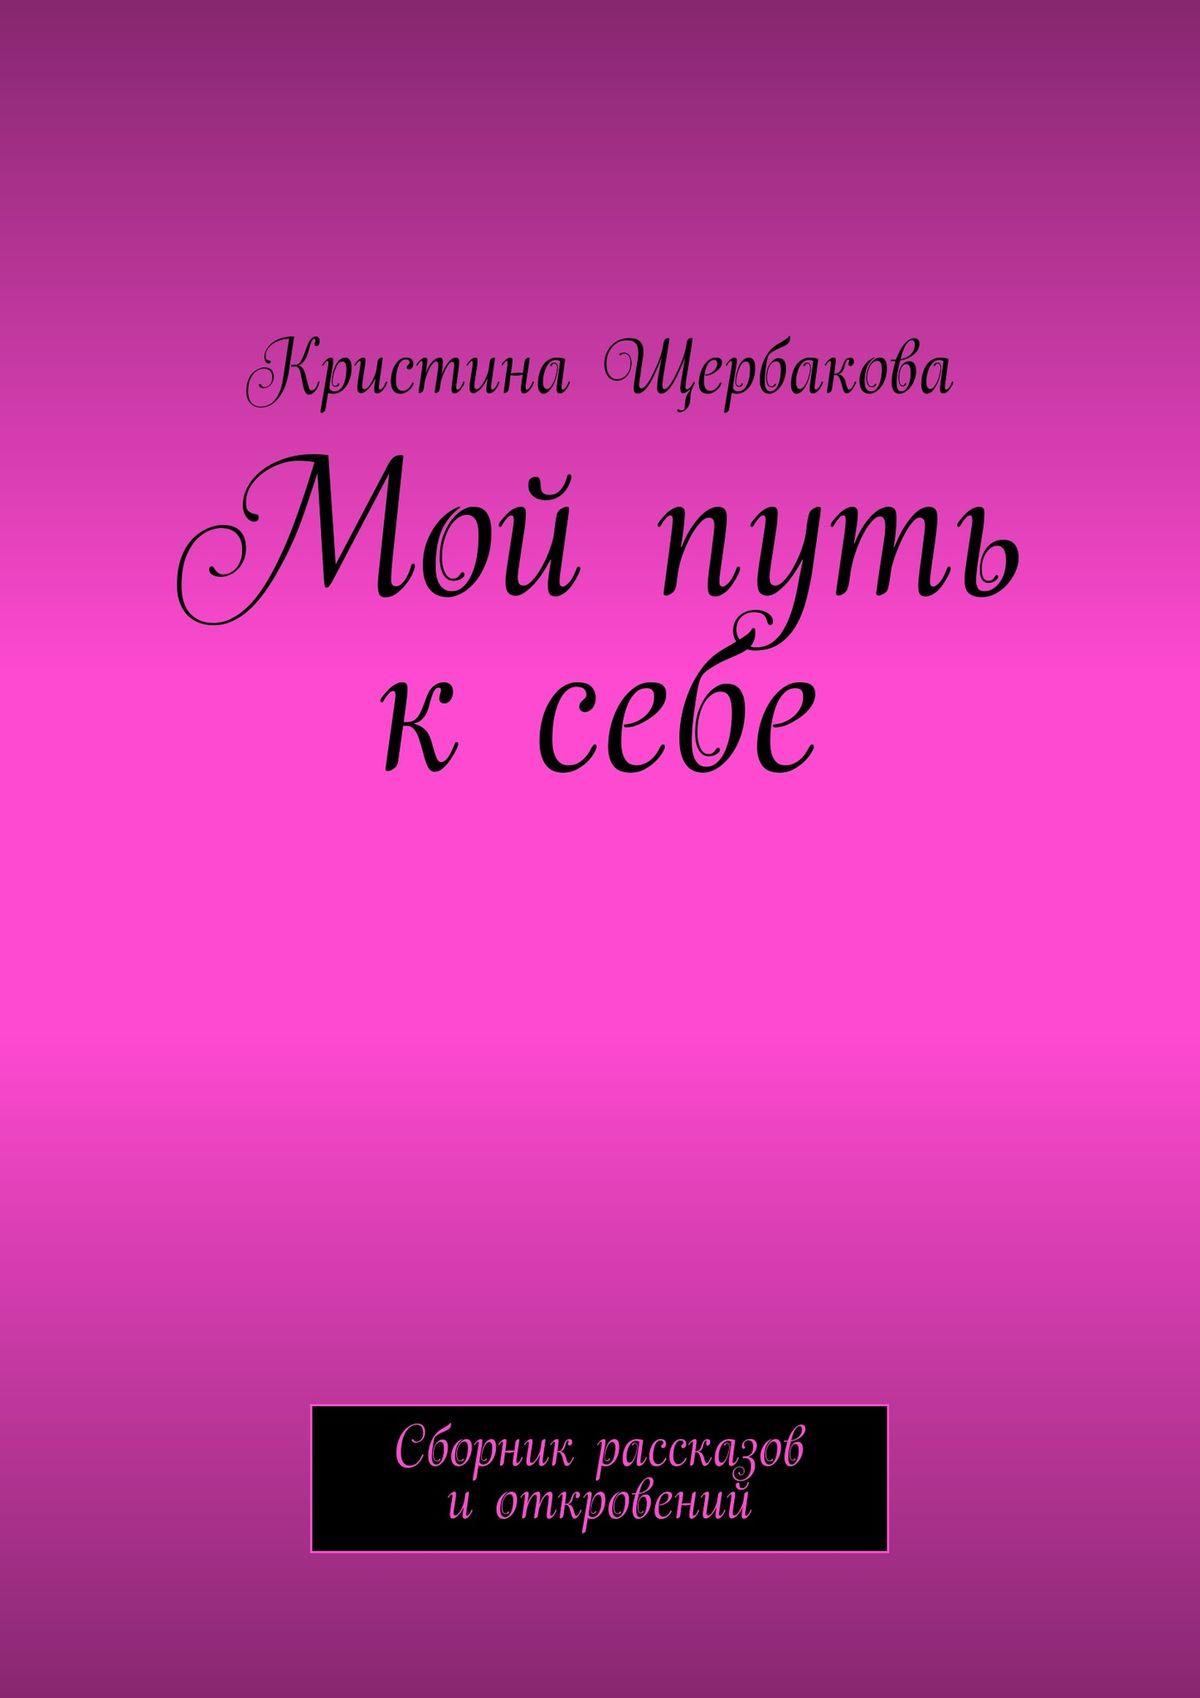 Кристина Щербакова Мой путь ксебе. Сборник рассказов иоткровений беккер дж меньше значит больше минимализм как путь к осознанной и счастливой жизни